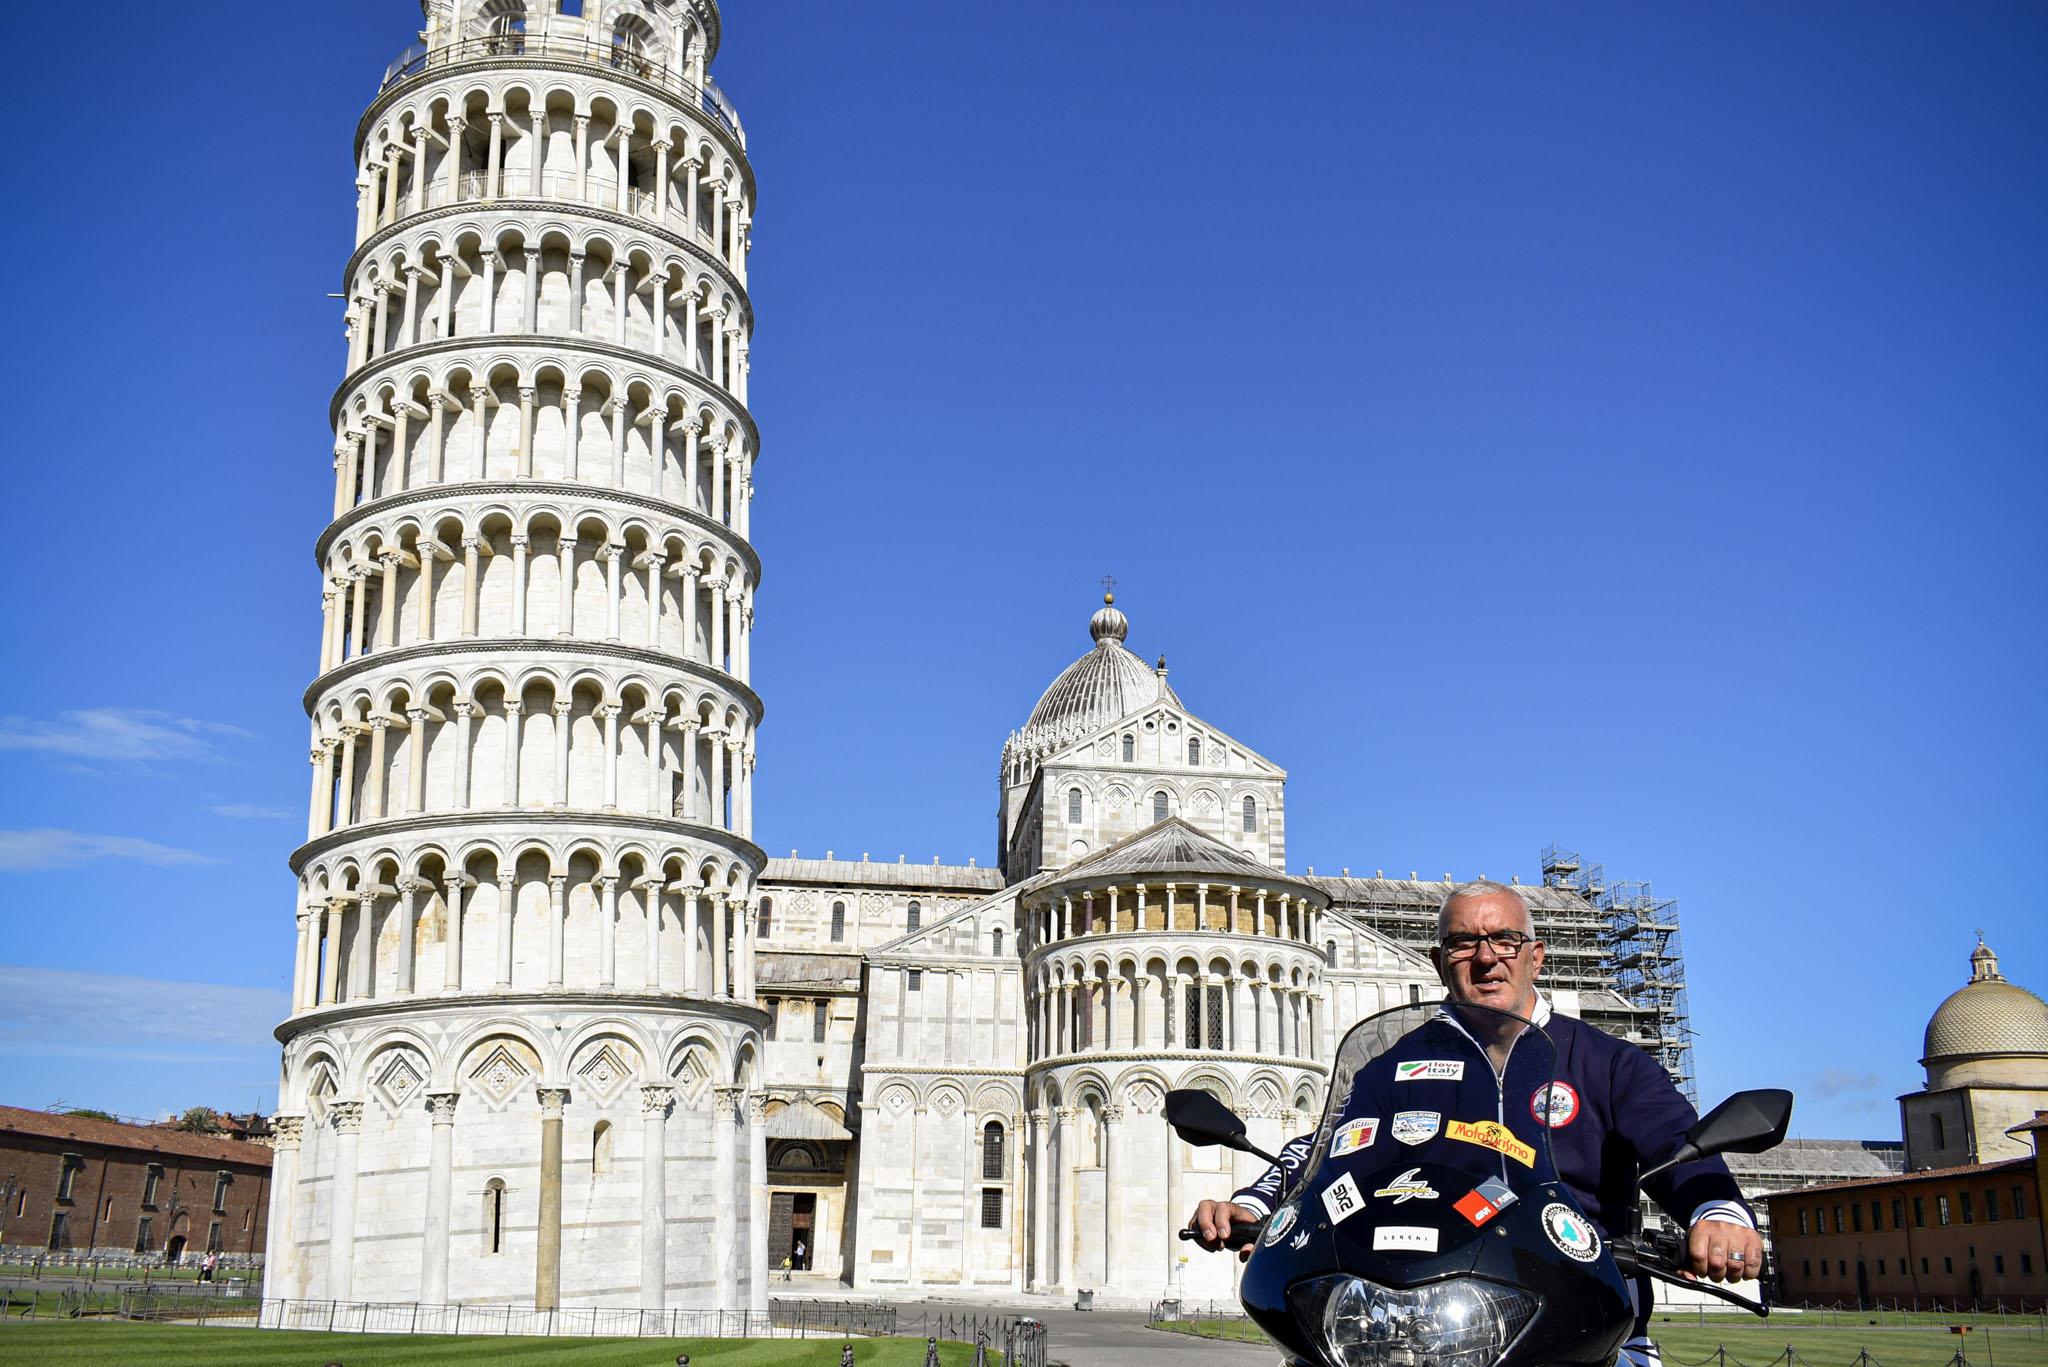 Con il Parkinson in giro per l'Italia in moto_Sandro Paffi e I love Italy_luglio 2020